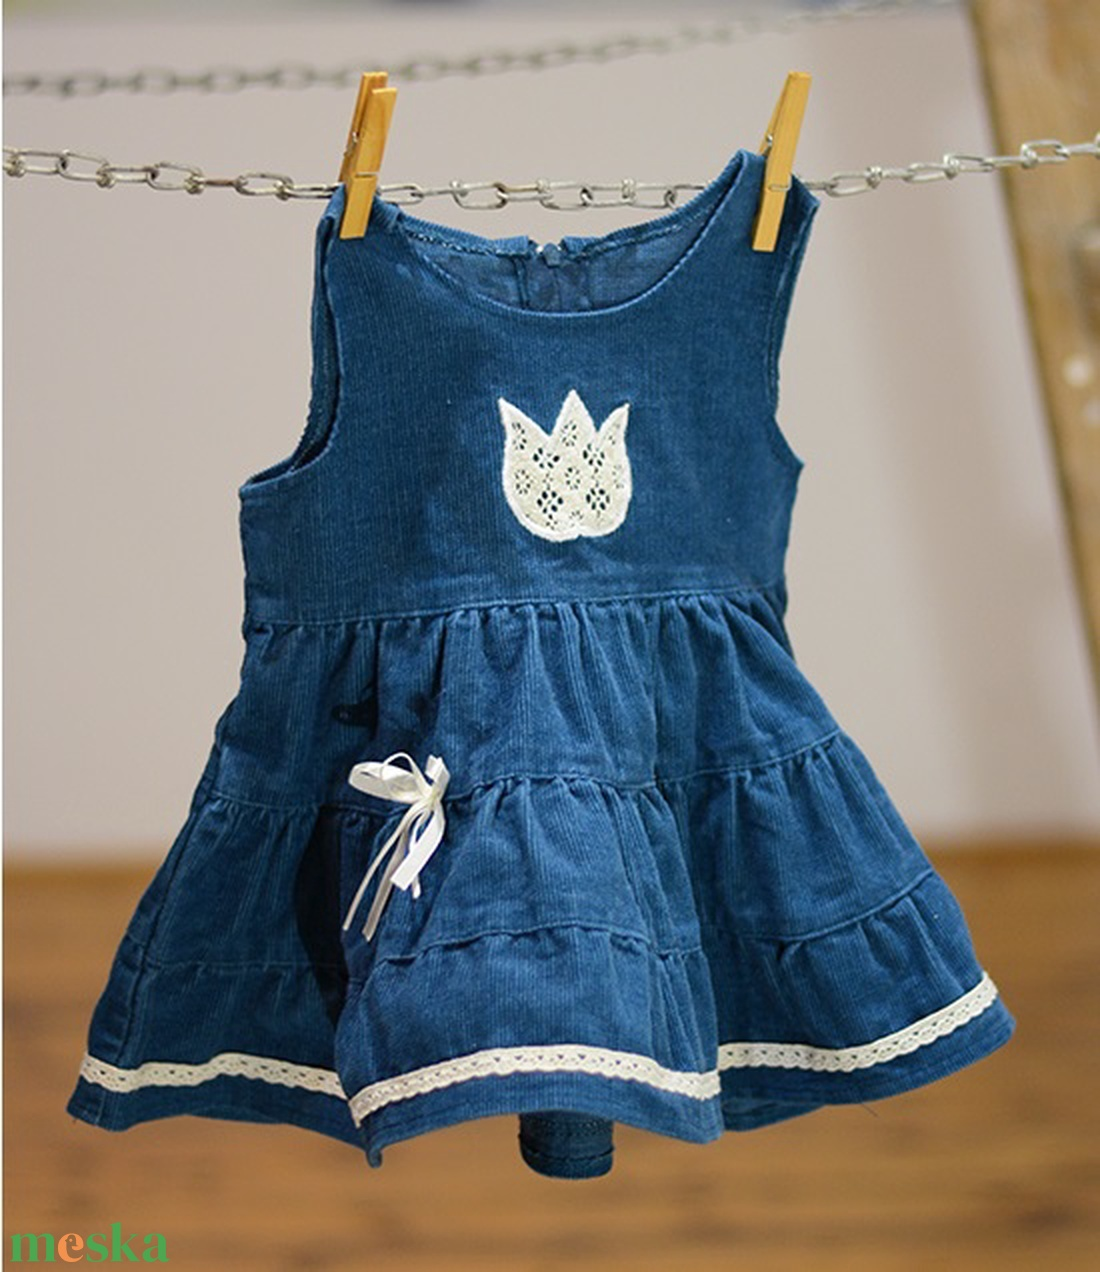 687656b4e0 Kord ruha 110-152-es, sötét türkiz kék, hímzéssel, pamut csipkével  (gyetomi) - Meska.hu